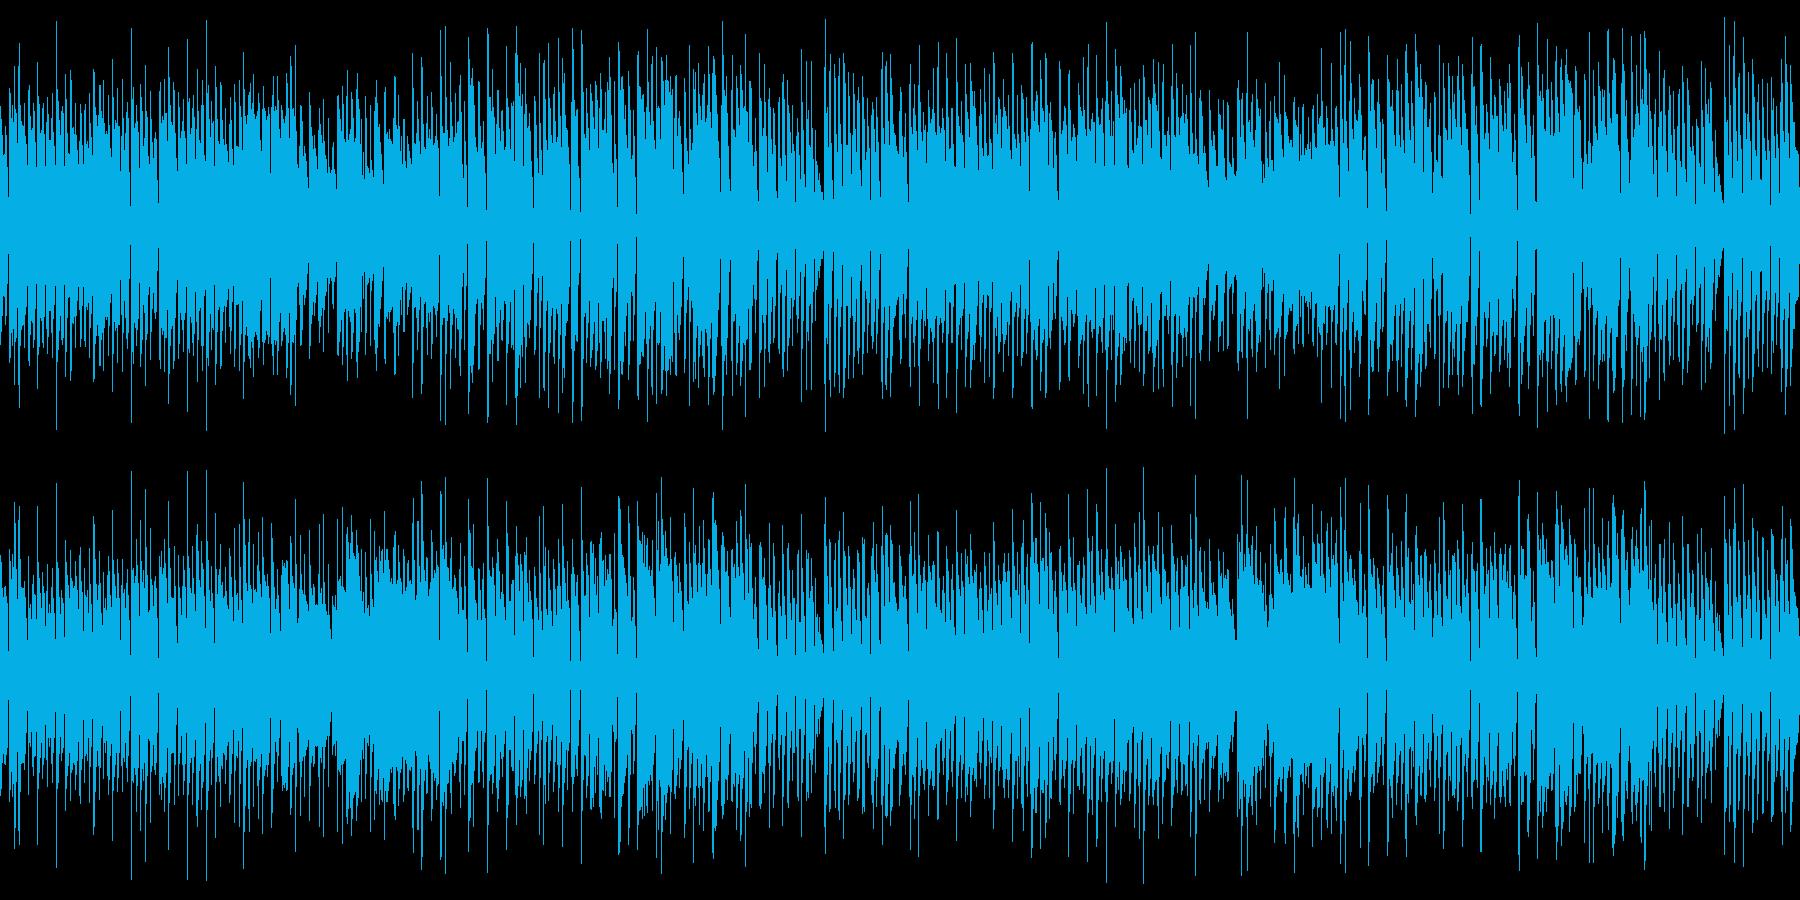 ハロウィン向けポップなホラーループ楽曲の再生済みの波形